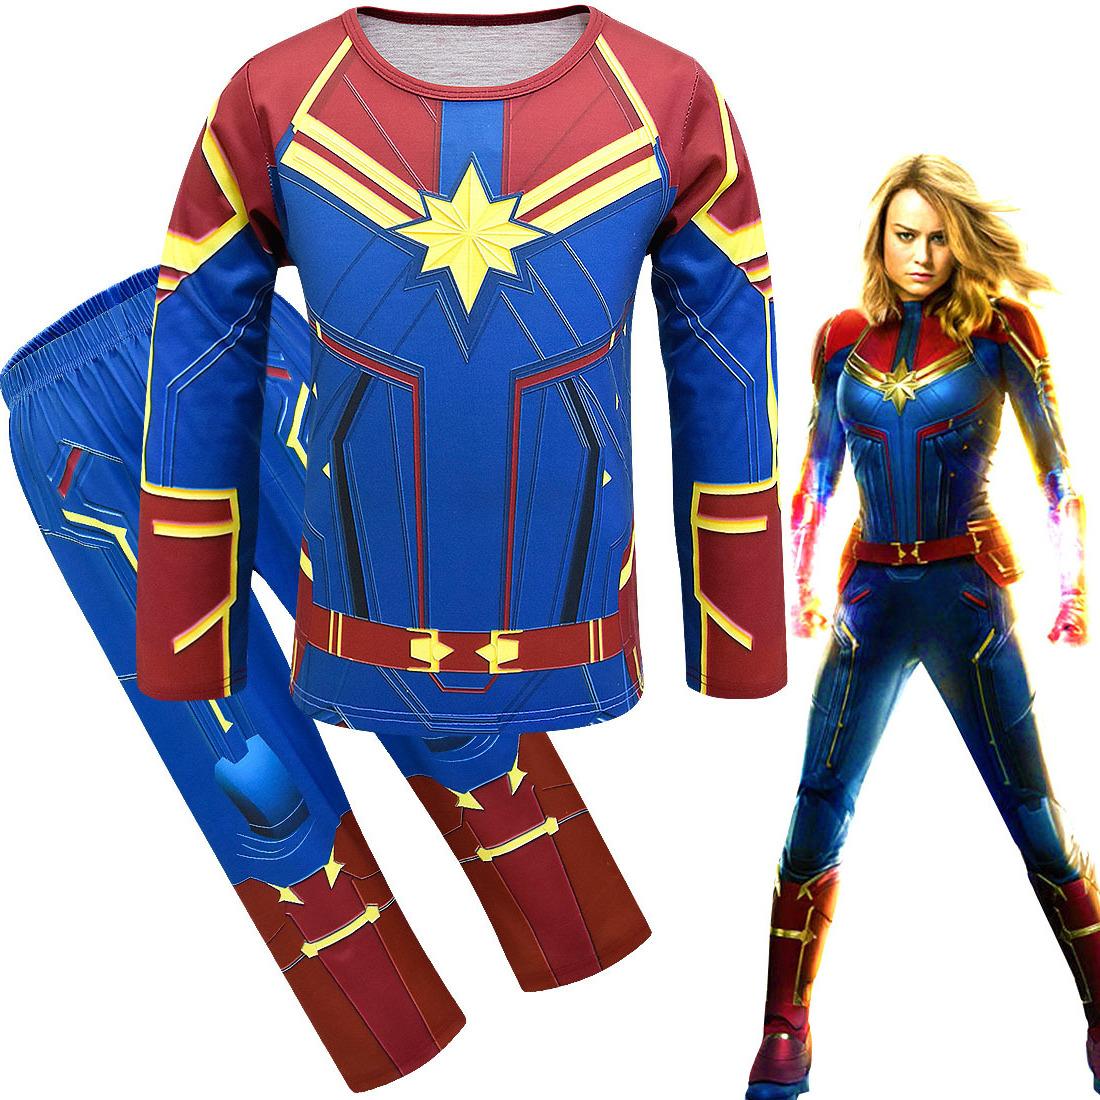 新款动漫cosplay复仇者联盟4服装惊奇队长漫威电影周边万圣节演出